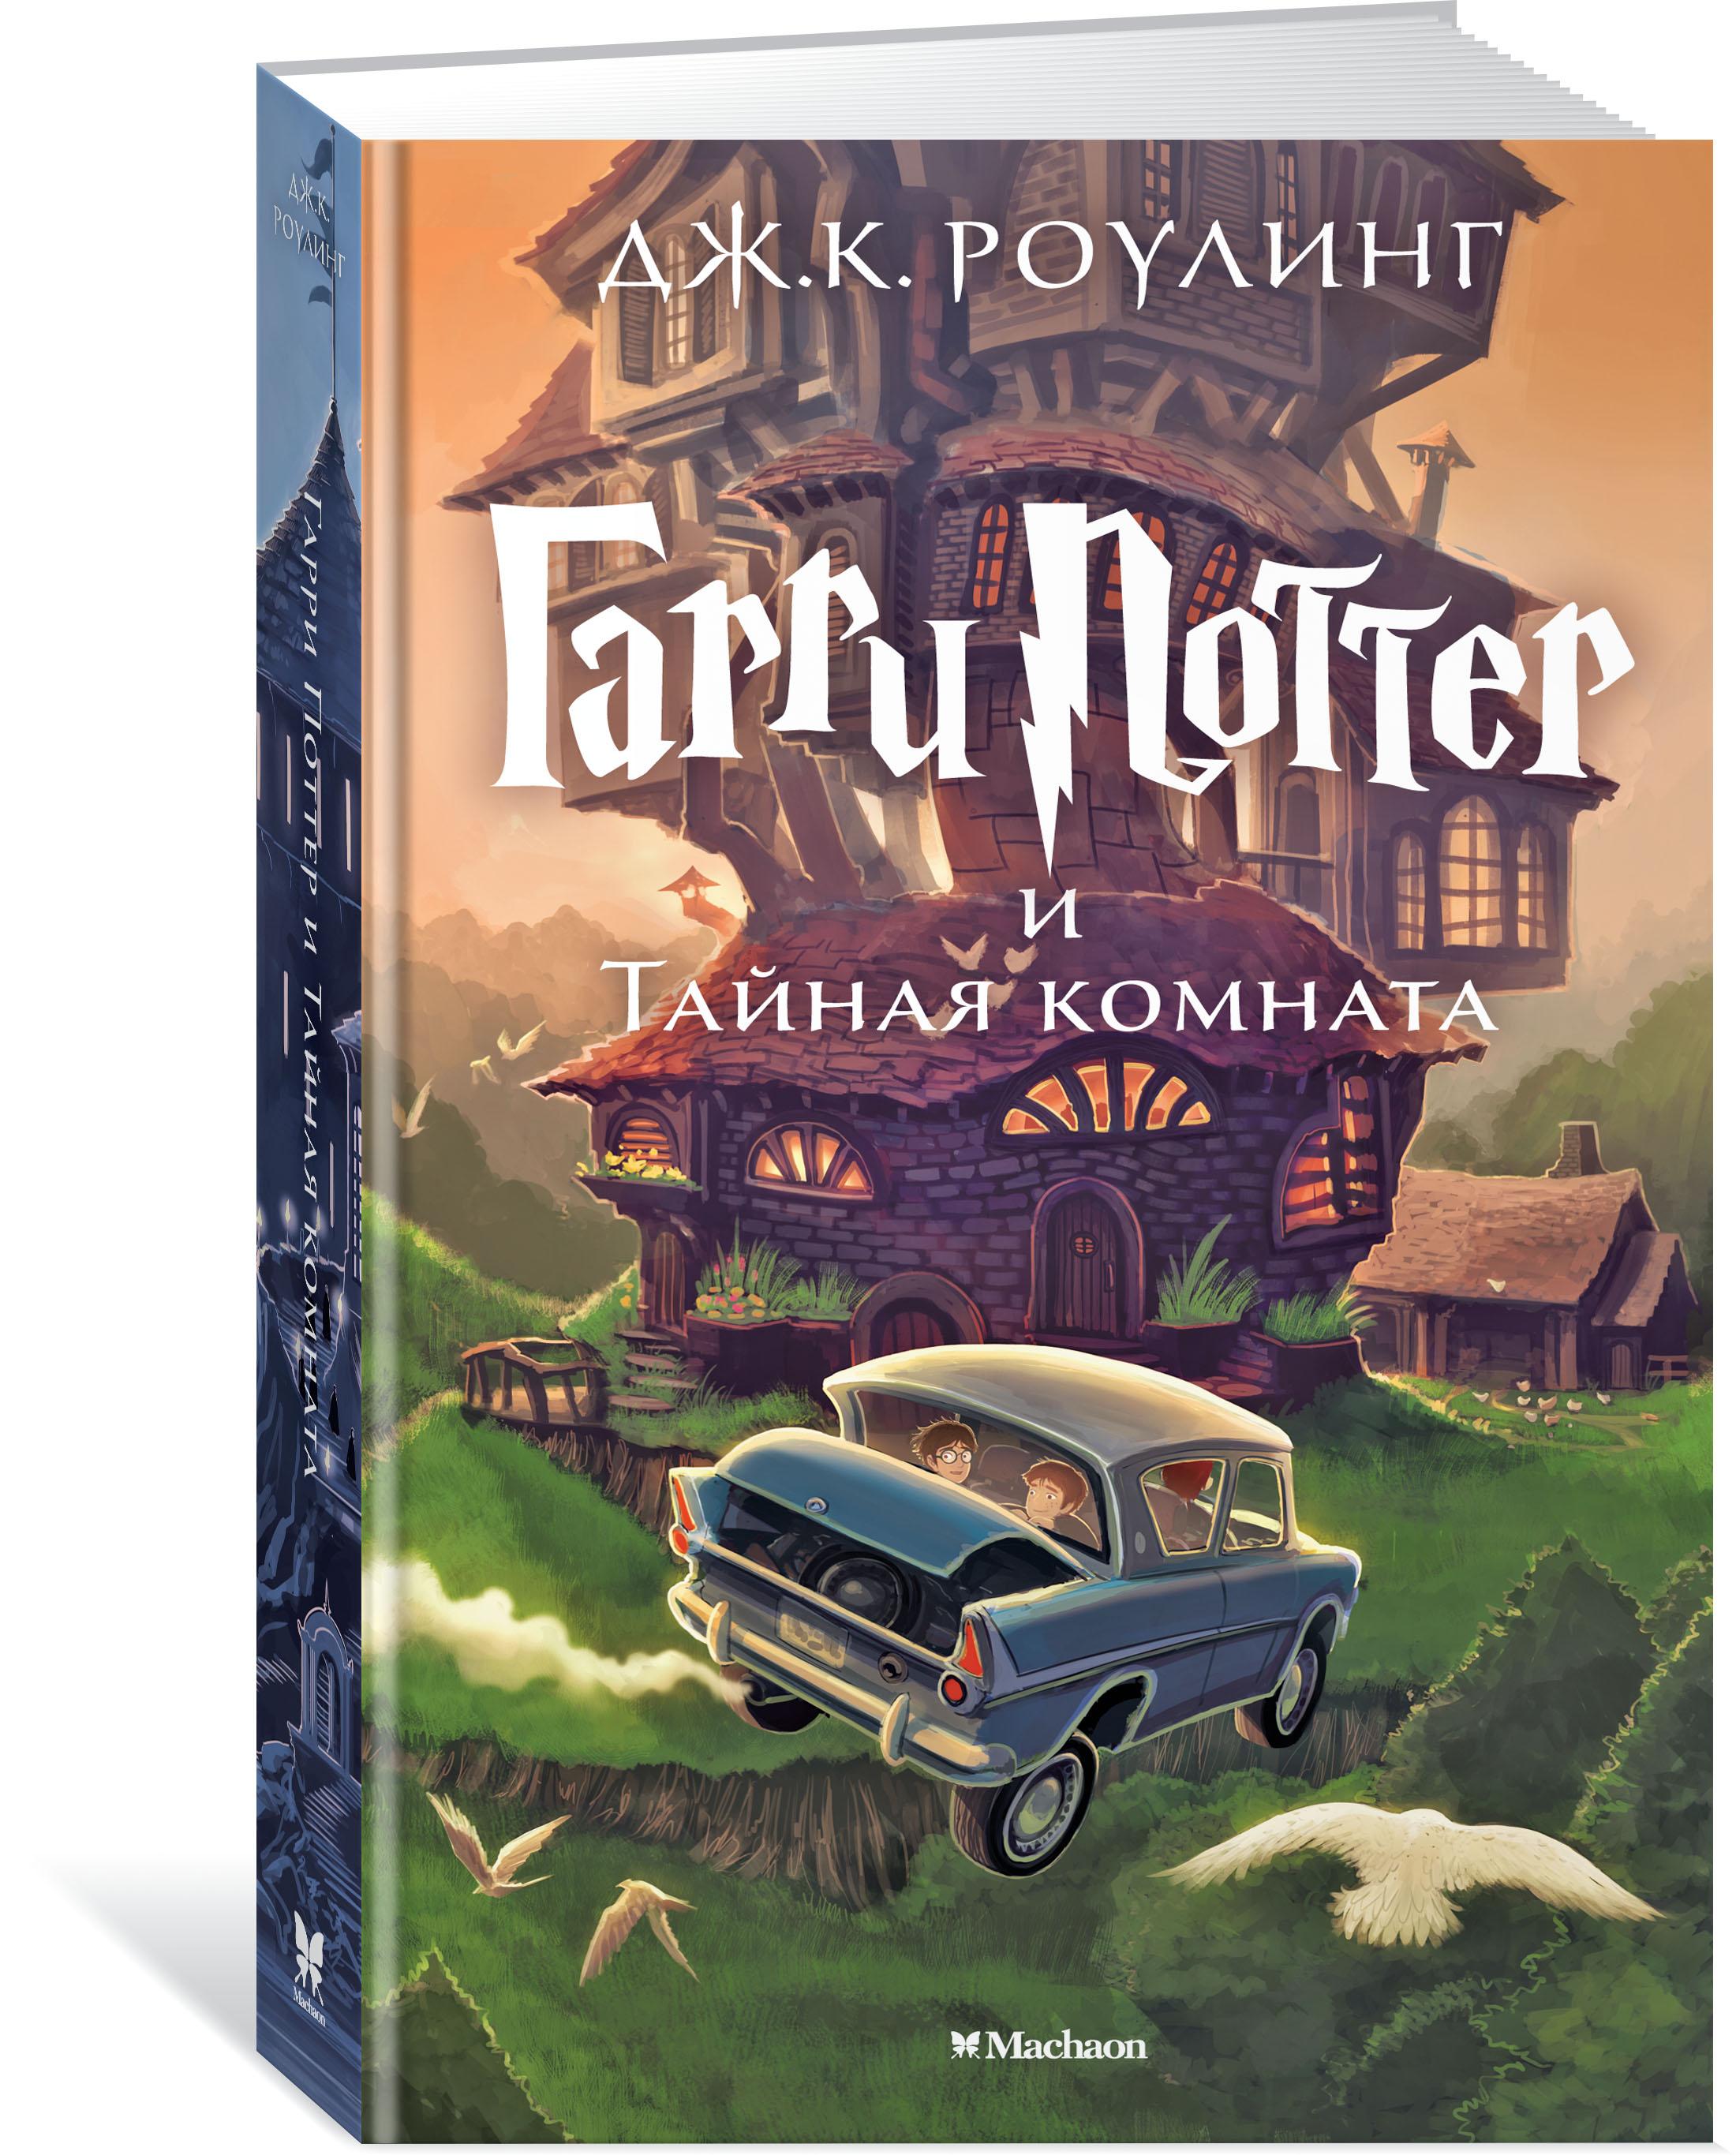 Скачать бесплатно книги гарри поттера на английском